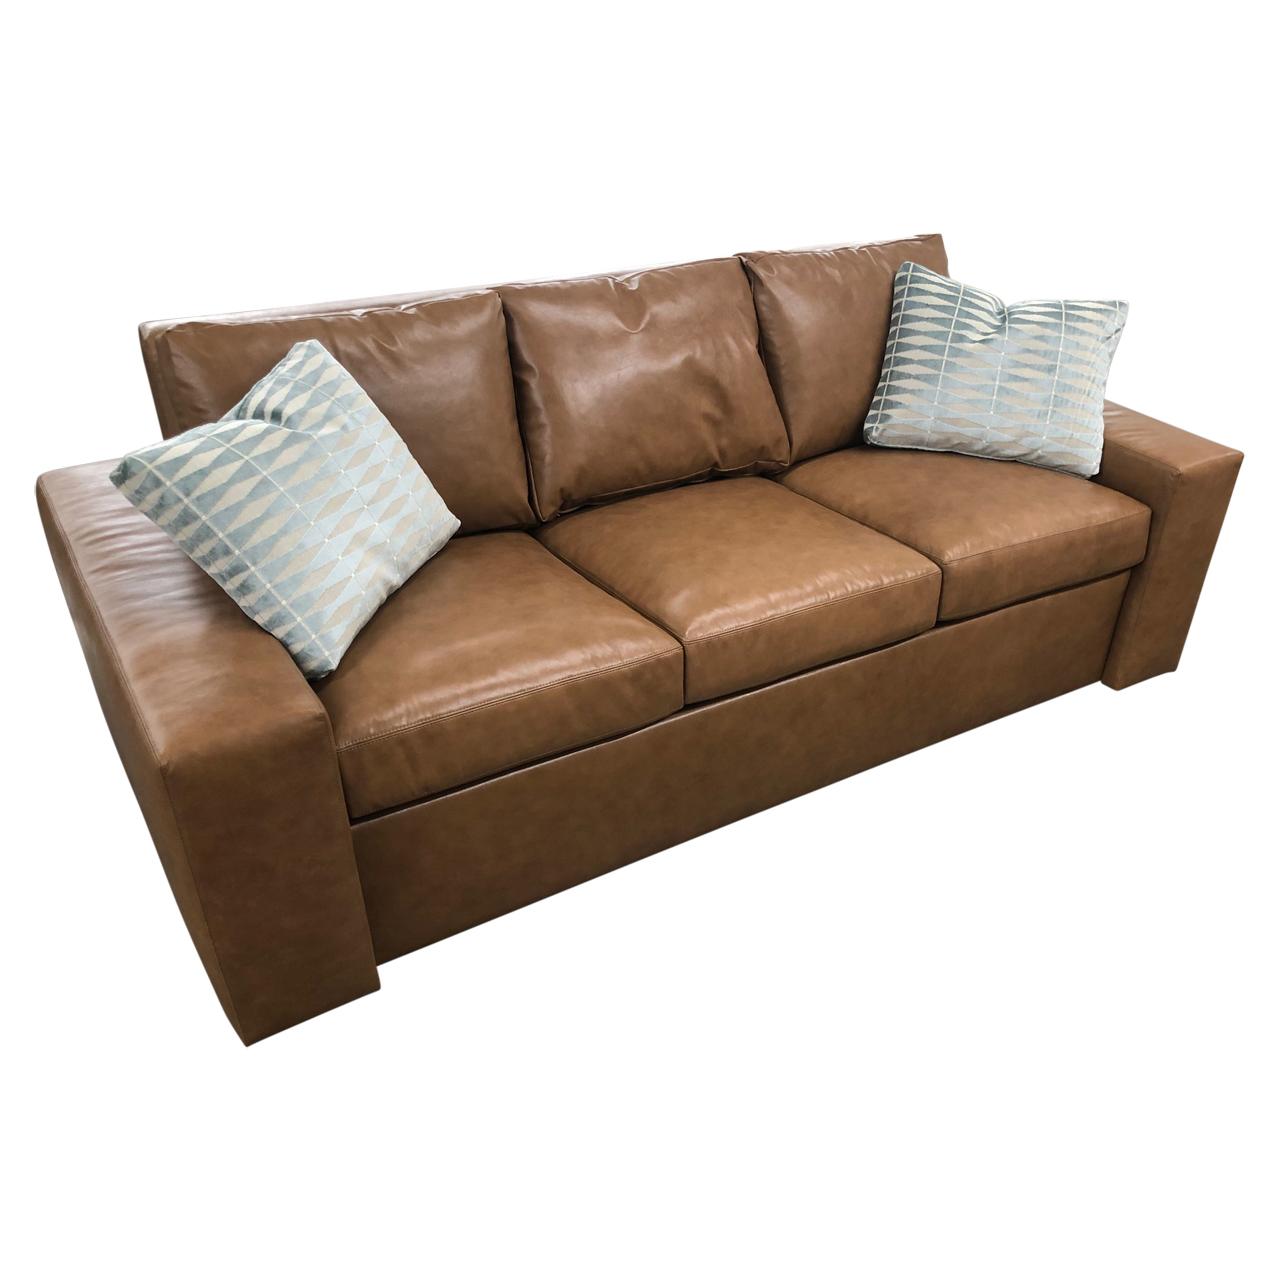 Custom Leather EZ Sleepsofa